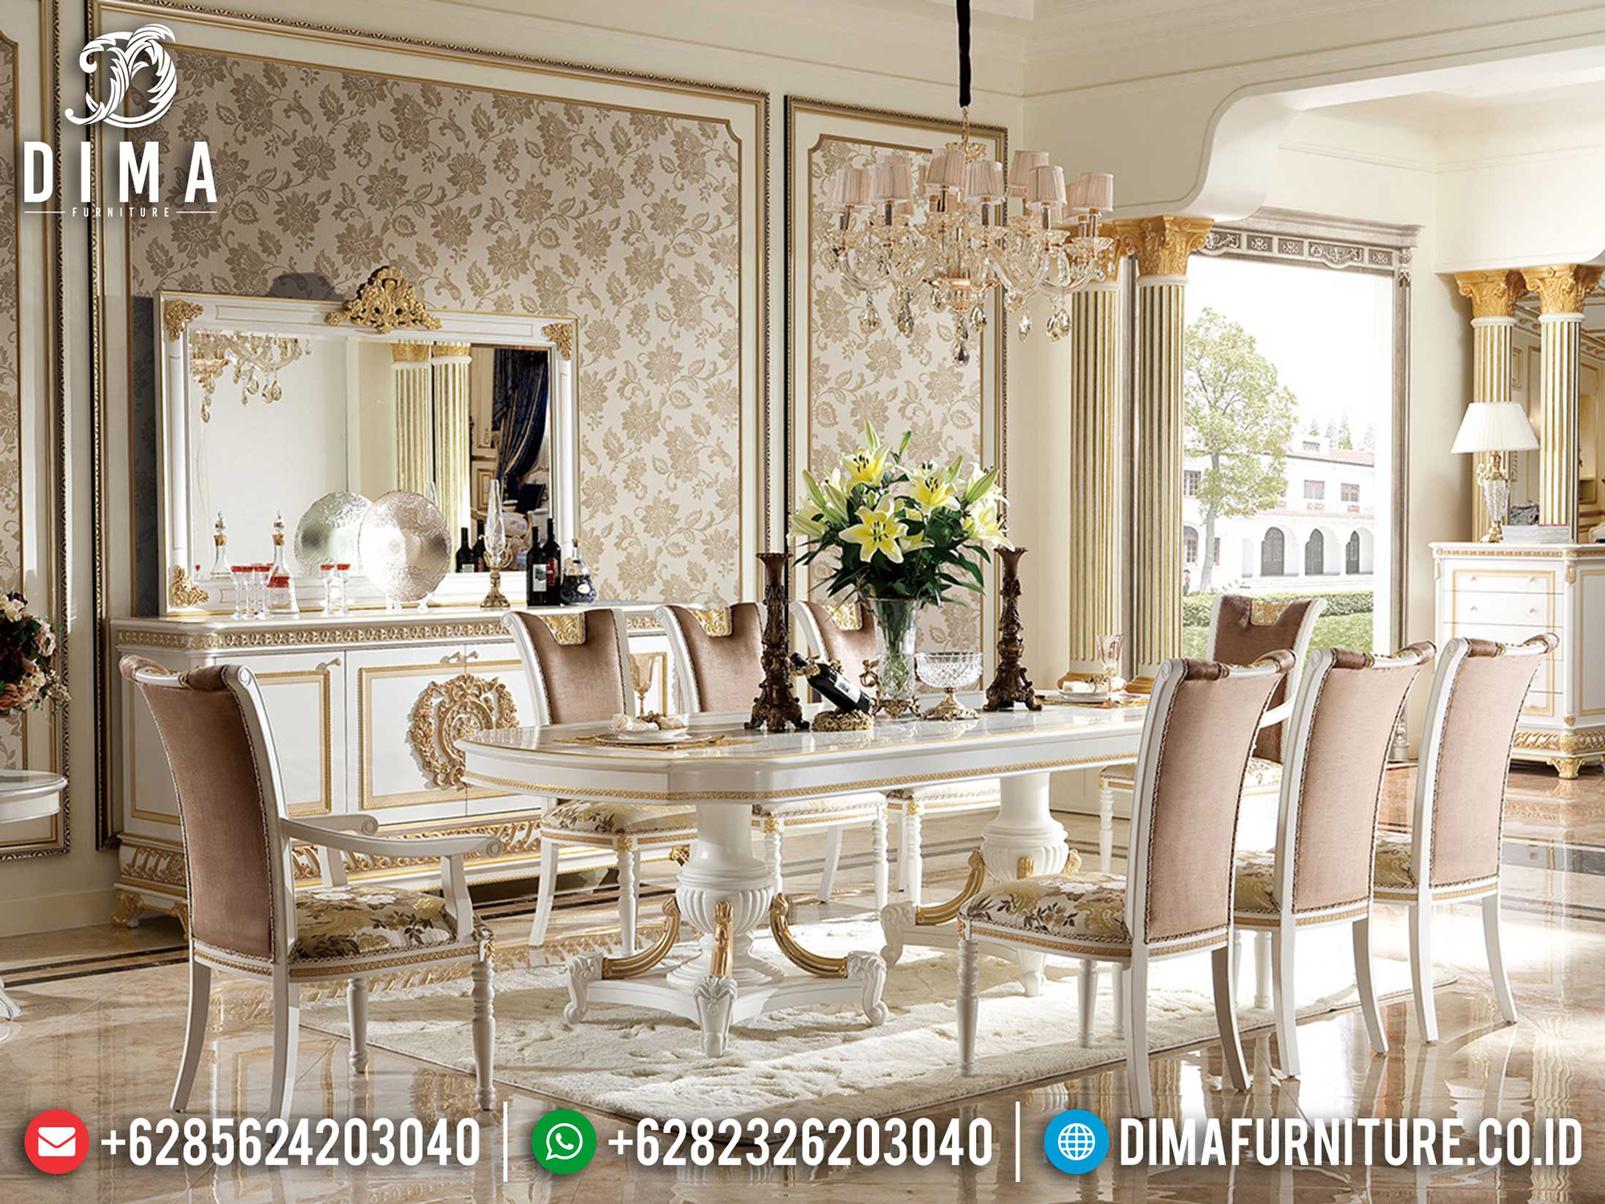 Meja Makan Mewah Terbaru Classic Design Luxury Mebel Jepara ST-1193